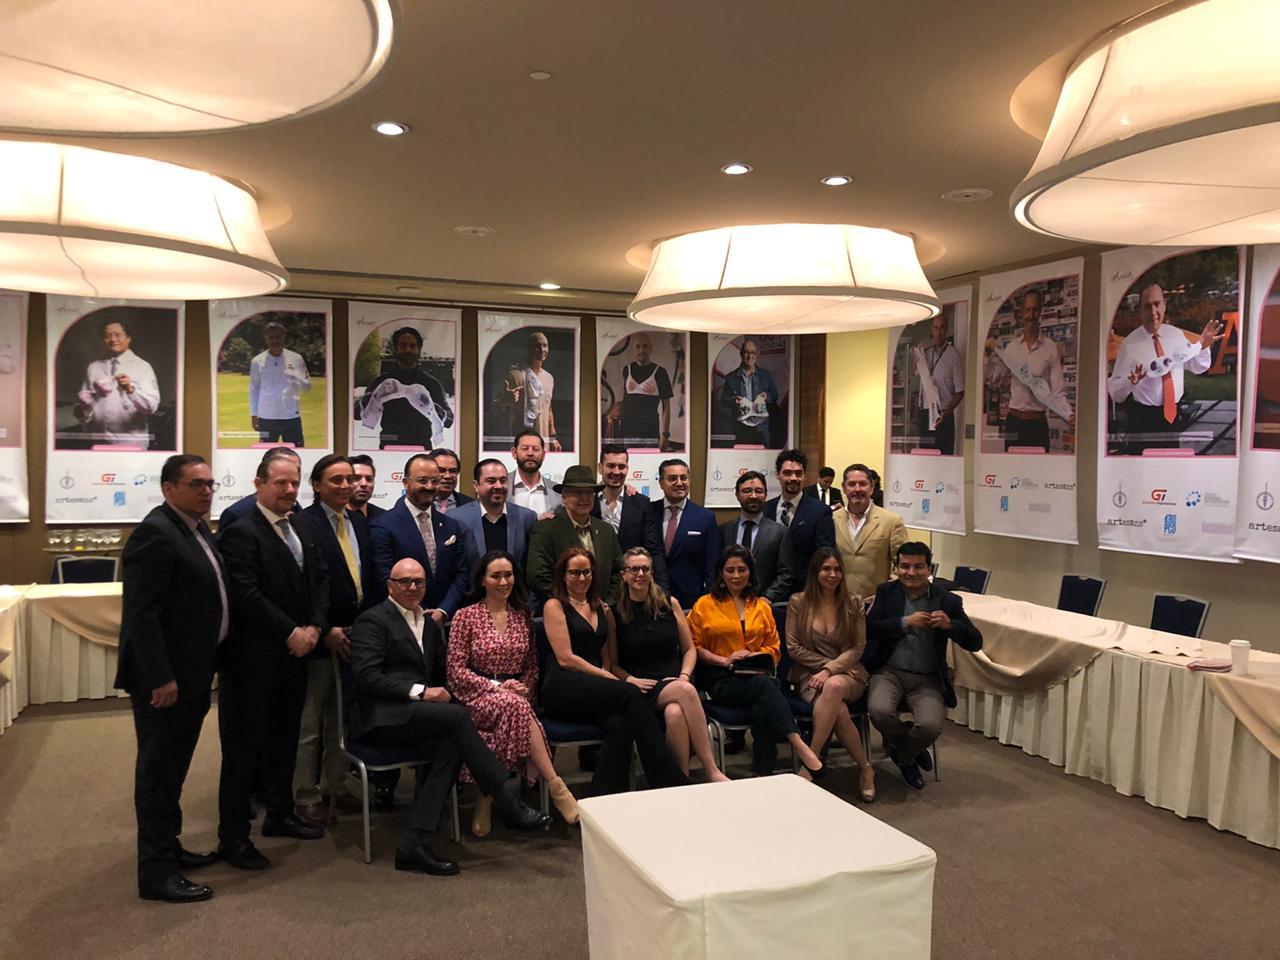 Convoca Fundación Alma a los veinticinco cirujanos plásticos con mayor experiencia en reconstrucción mamaria en el país a la Segunda Reunión Plenaria de COTREMA